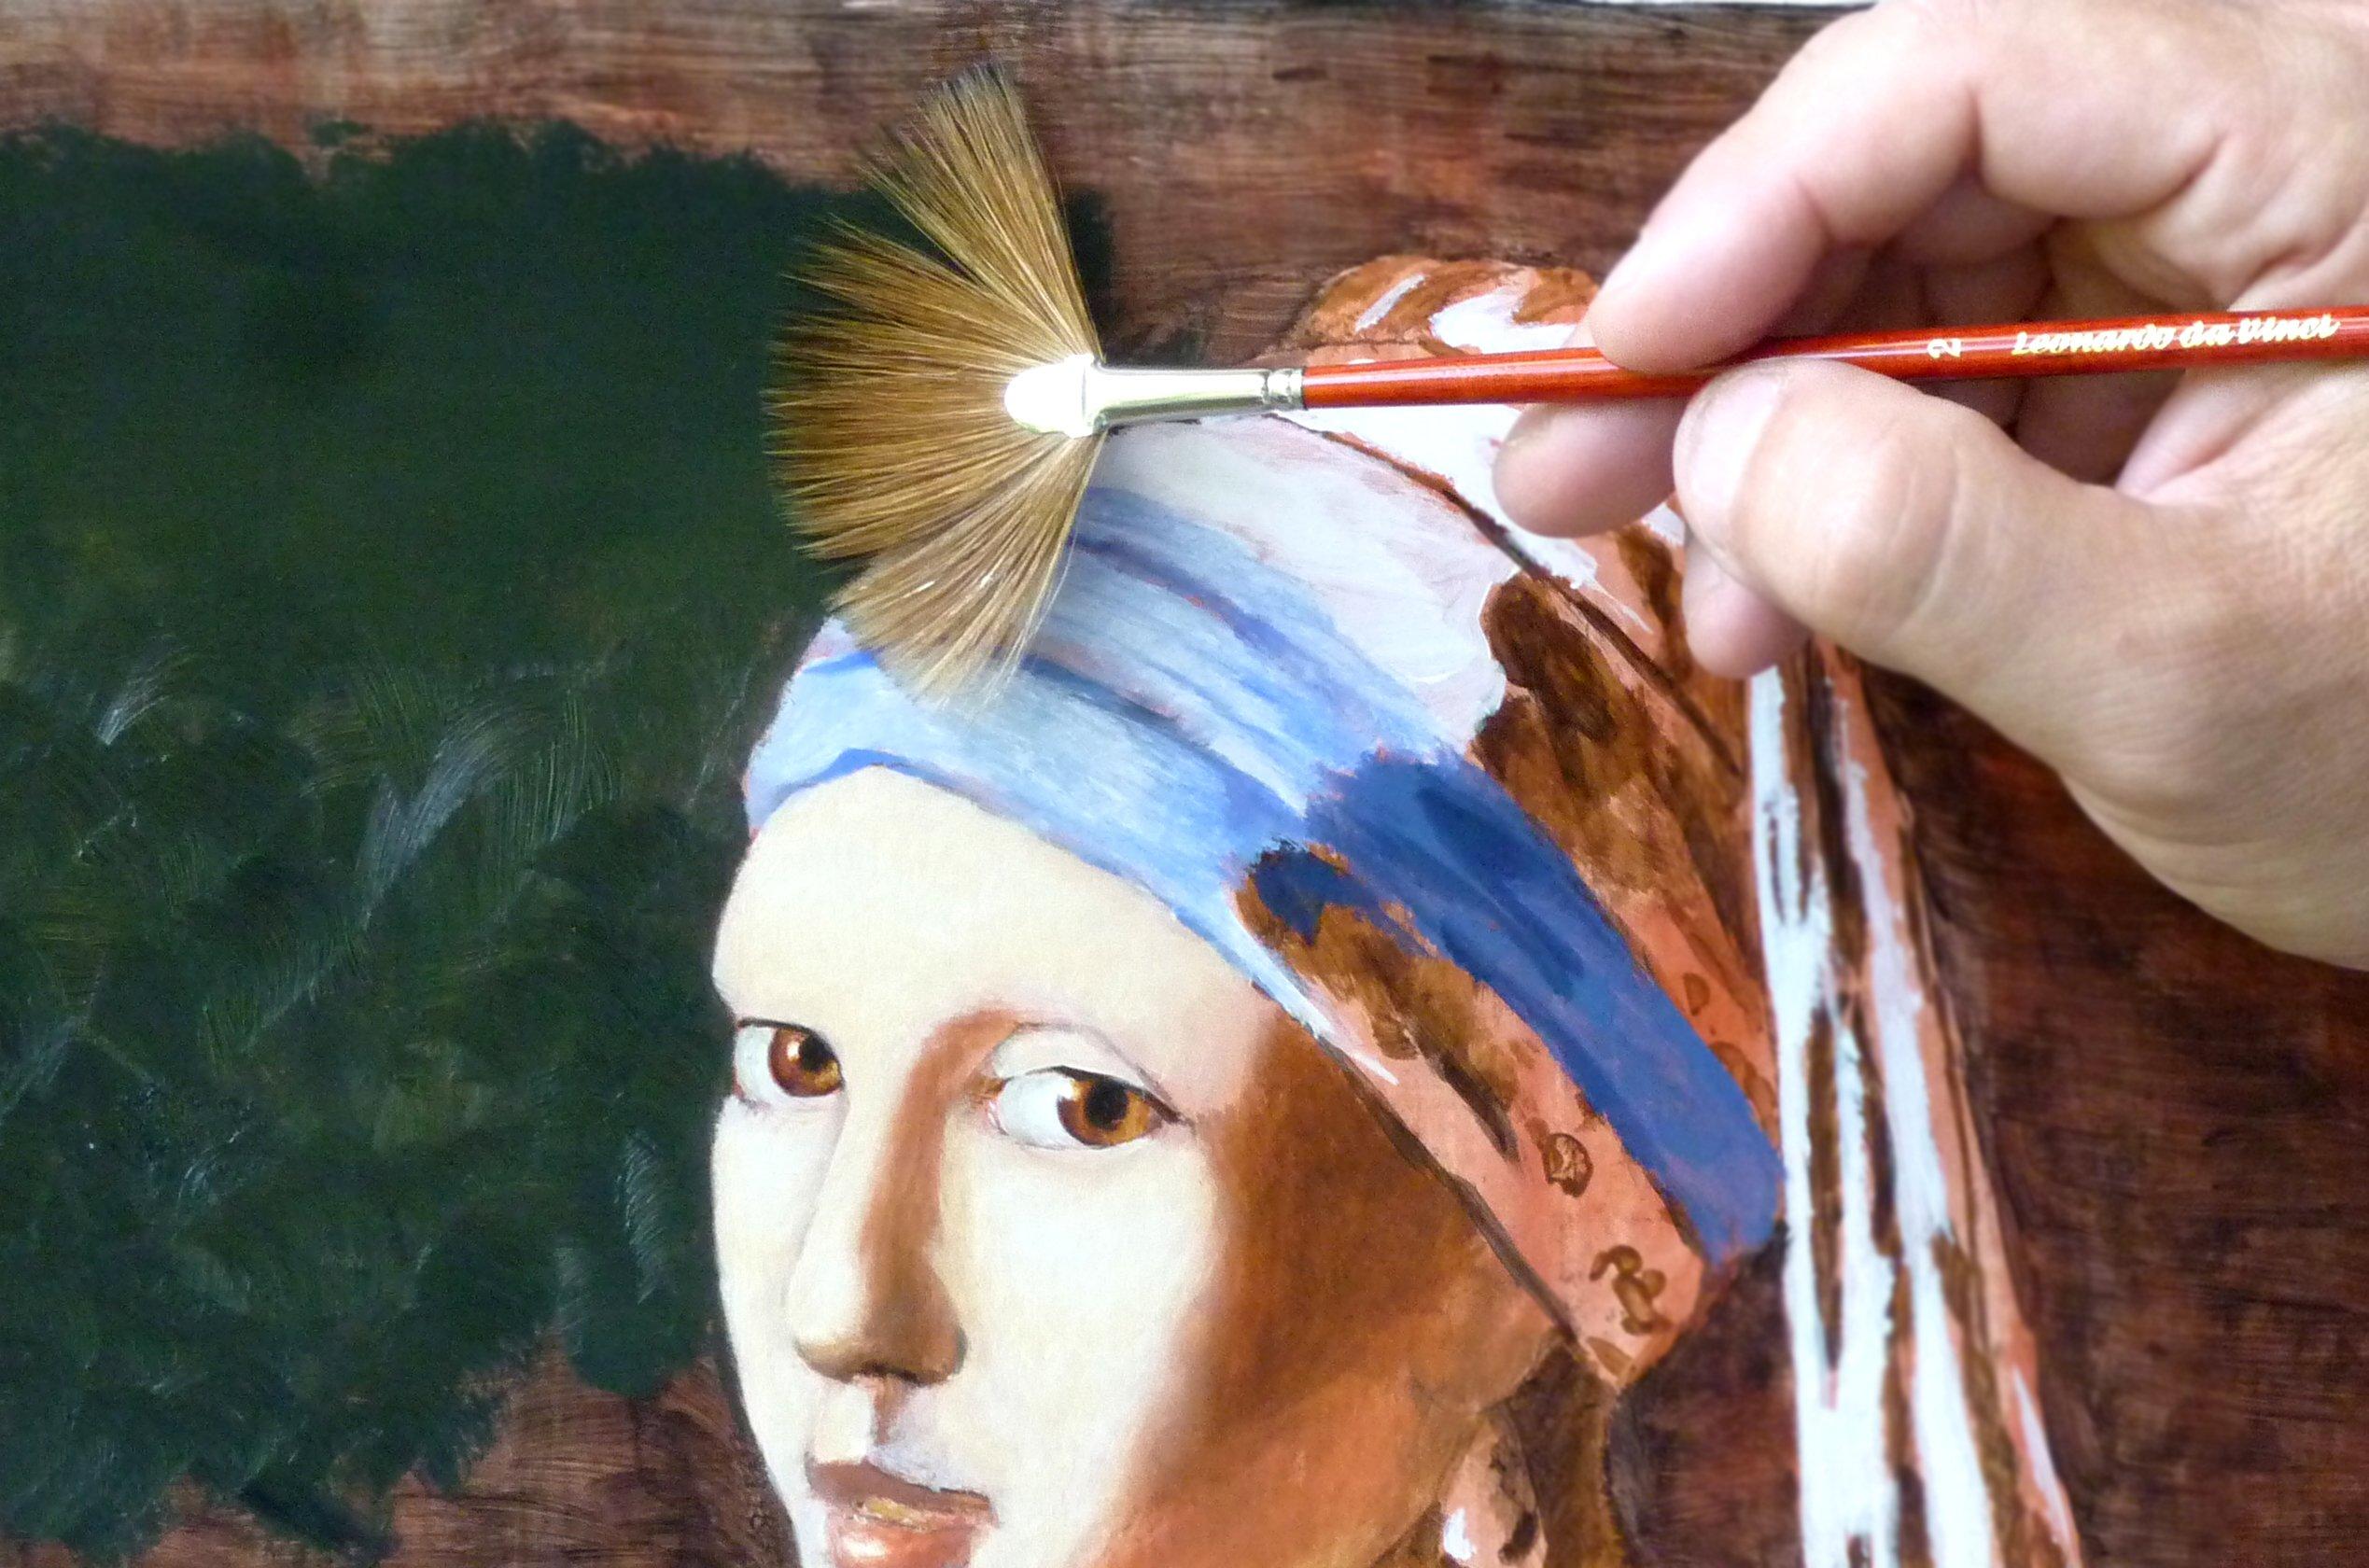 da Vinci Varnish & Priming Series 406 Fan Blender Brush, Ox Hair Sabeline with Red Polished Handle, Size 3 (406-3) by da Vinci Brushes (Image #2)